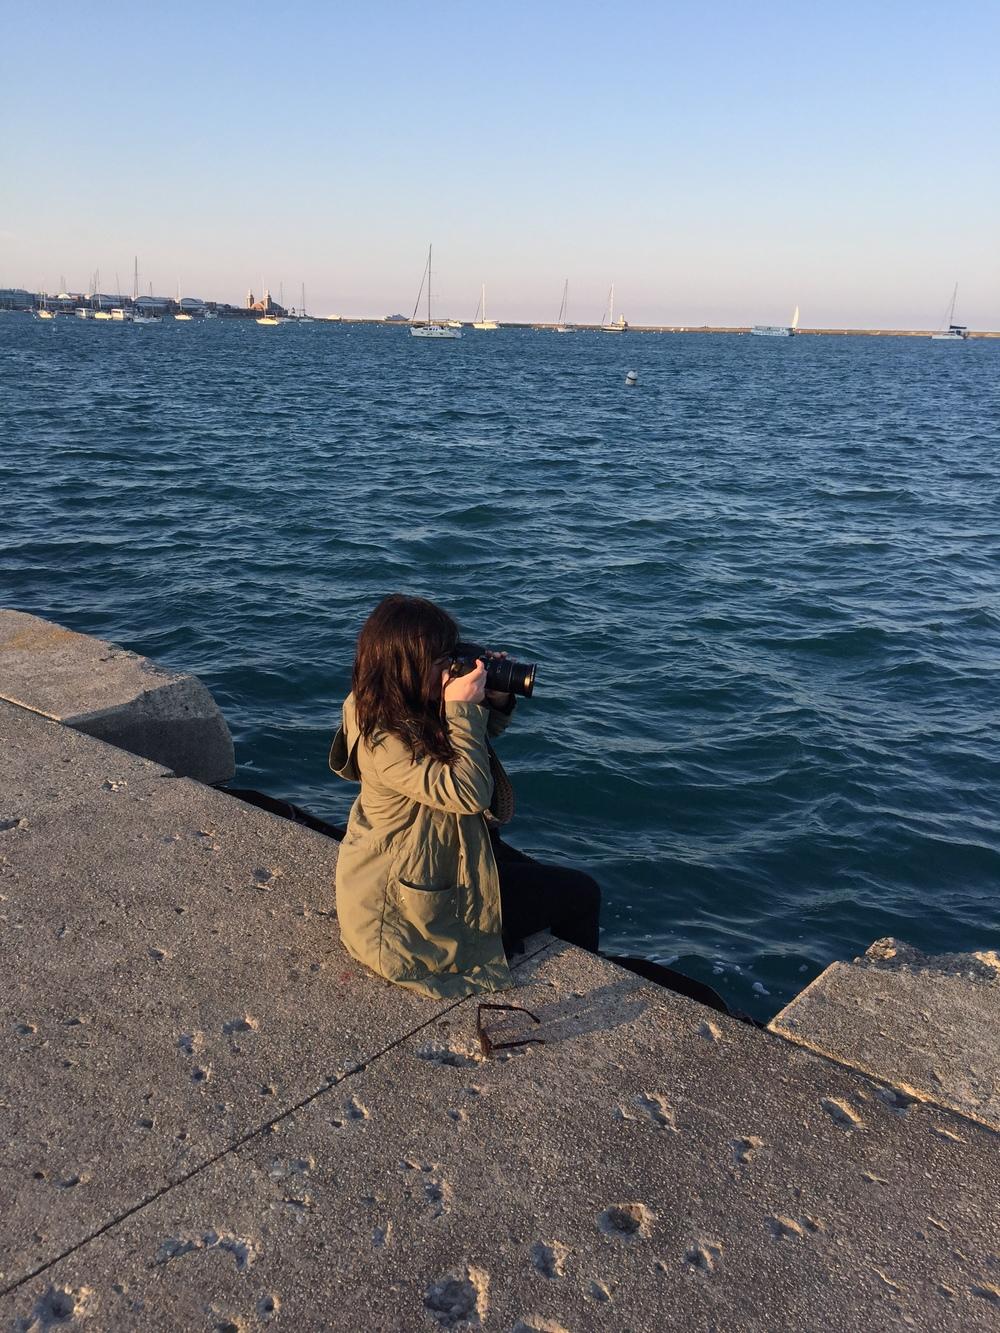 Sam taking photos